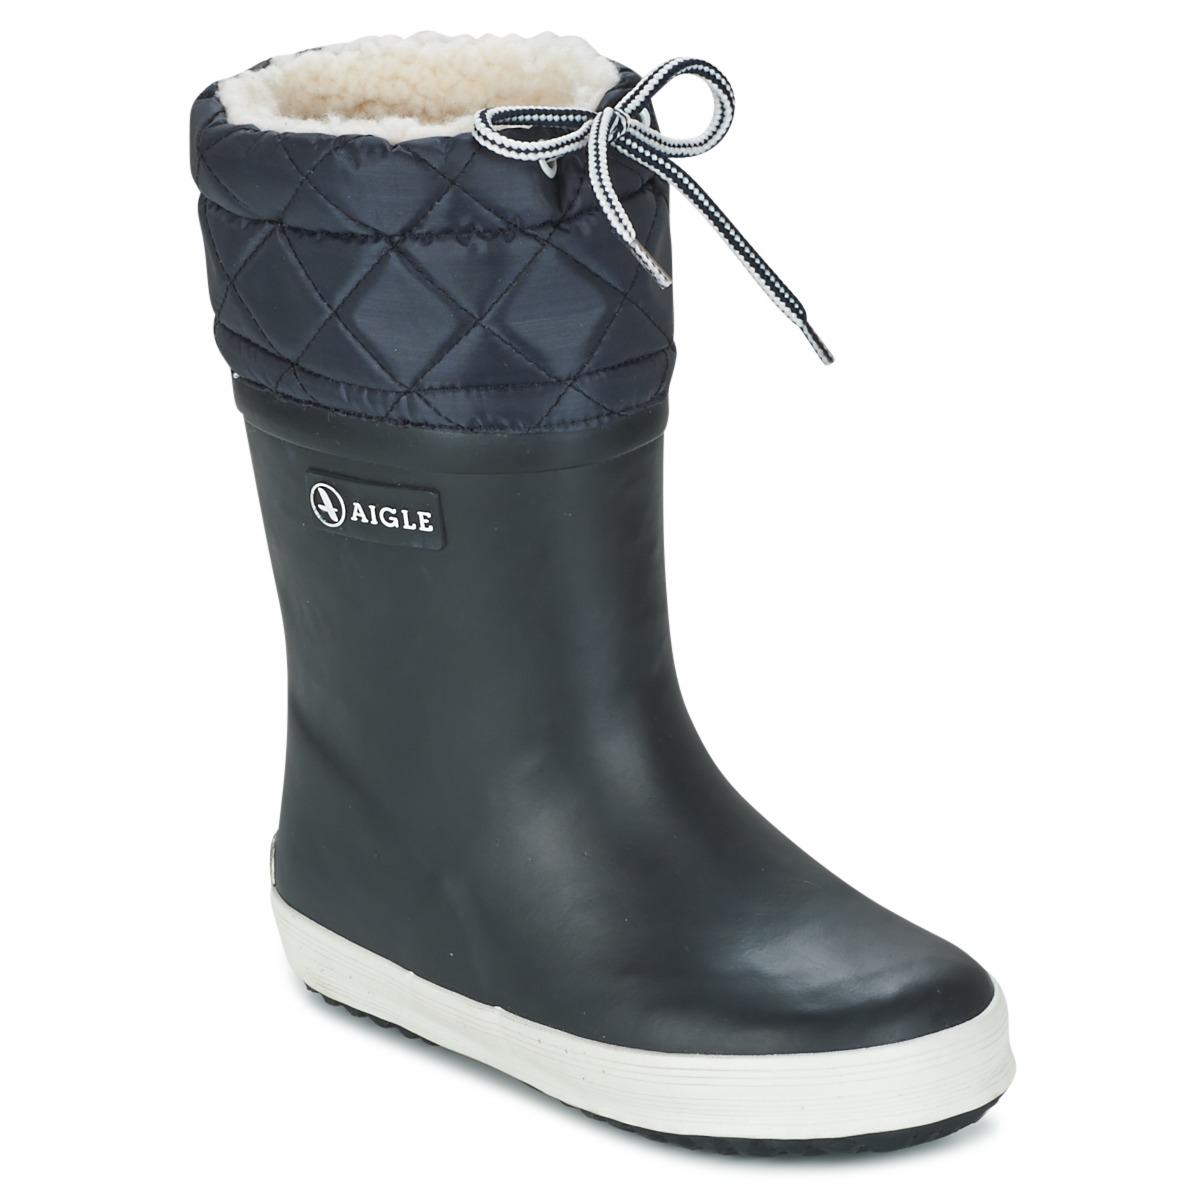 Vinterstøvler til børn Aigle  GIBOULEE